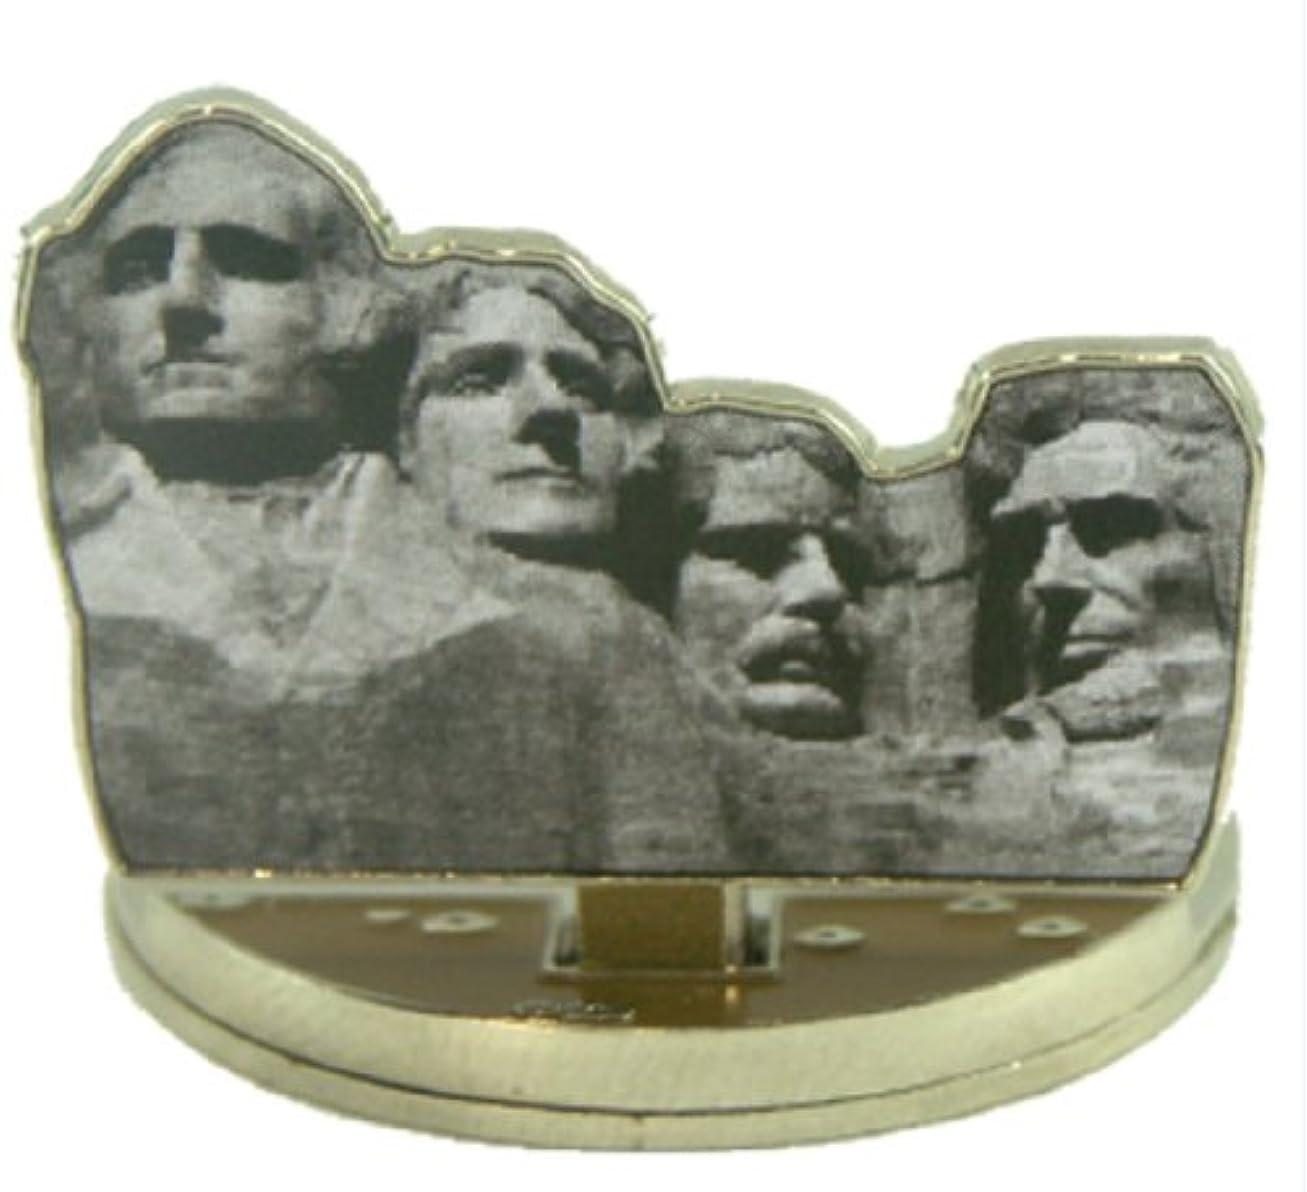 不良蒸し器露骨なホクシン交易 Mt. ラッシュモア 直立マーカー W09FUM0128